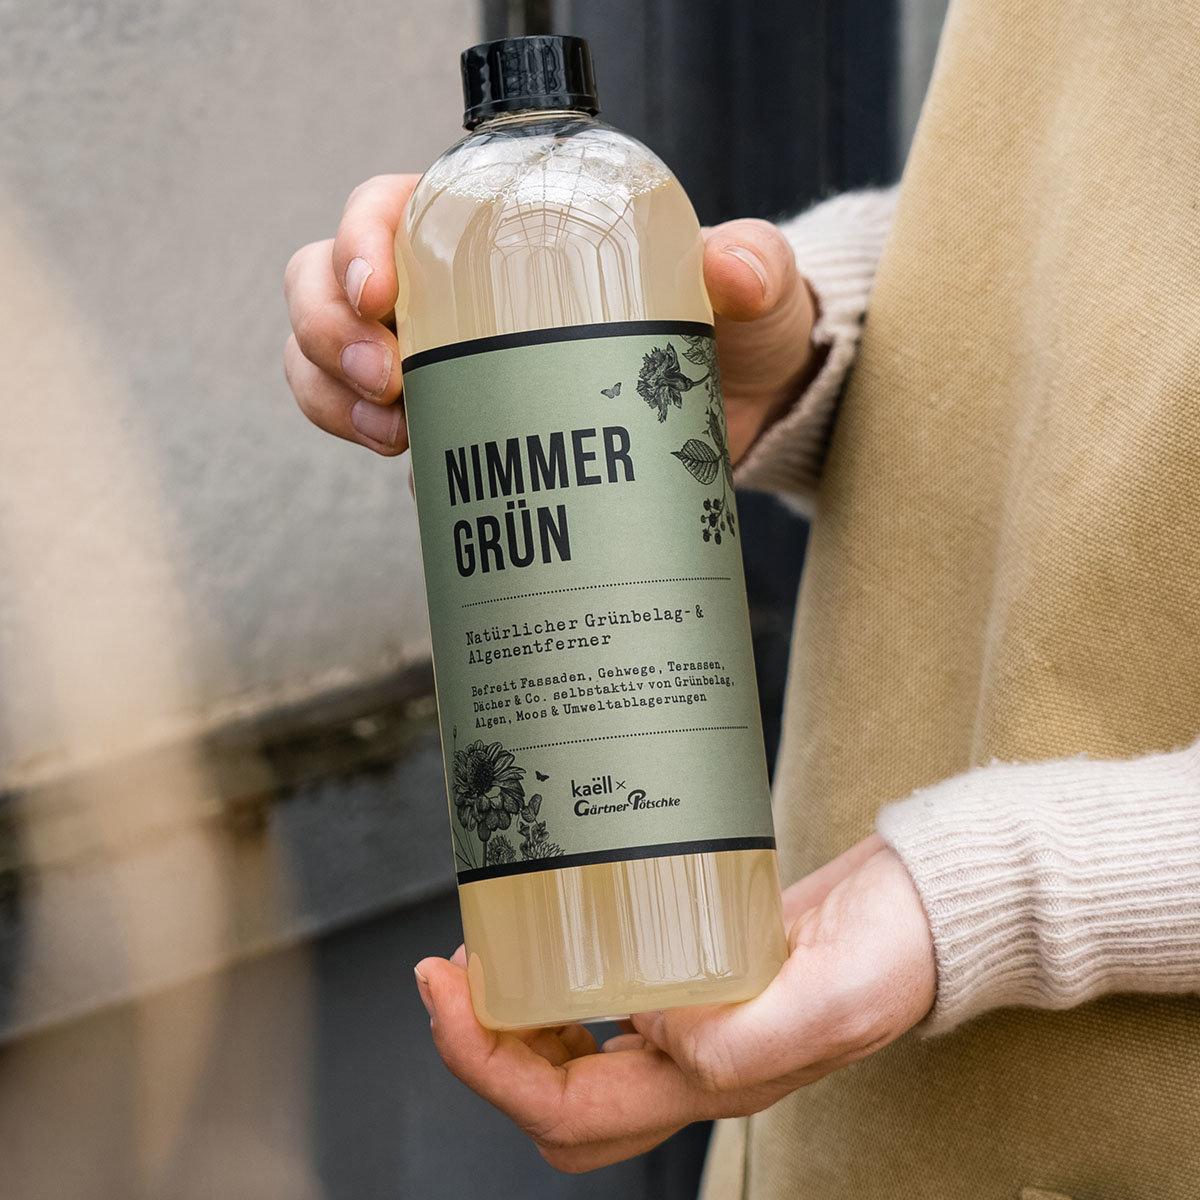 Natürliches Grünbelag- und Algenentferner-Konzentrat Nimmergrün, 750 ml | #4